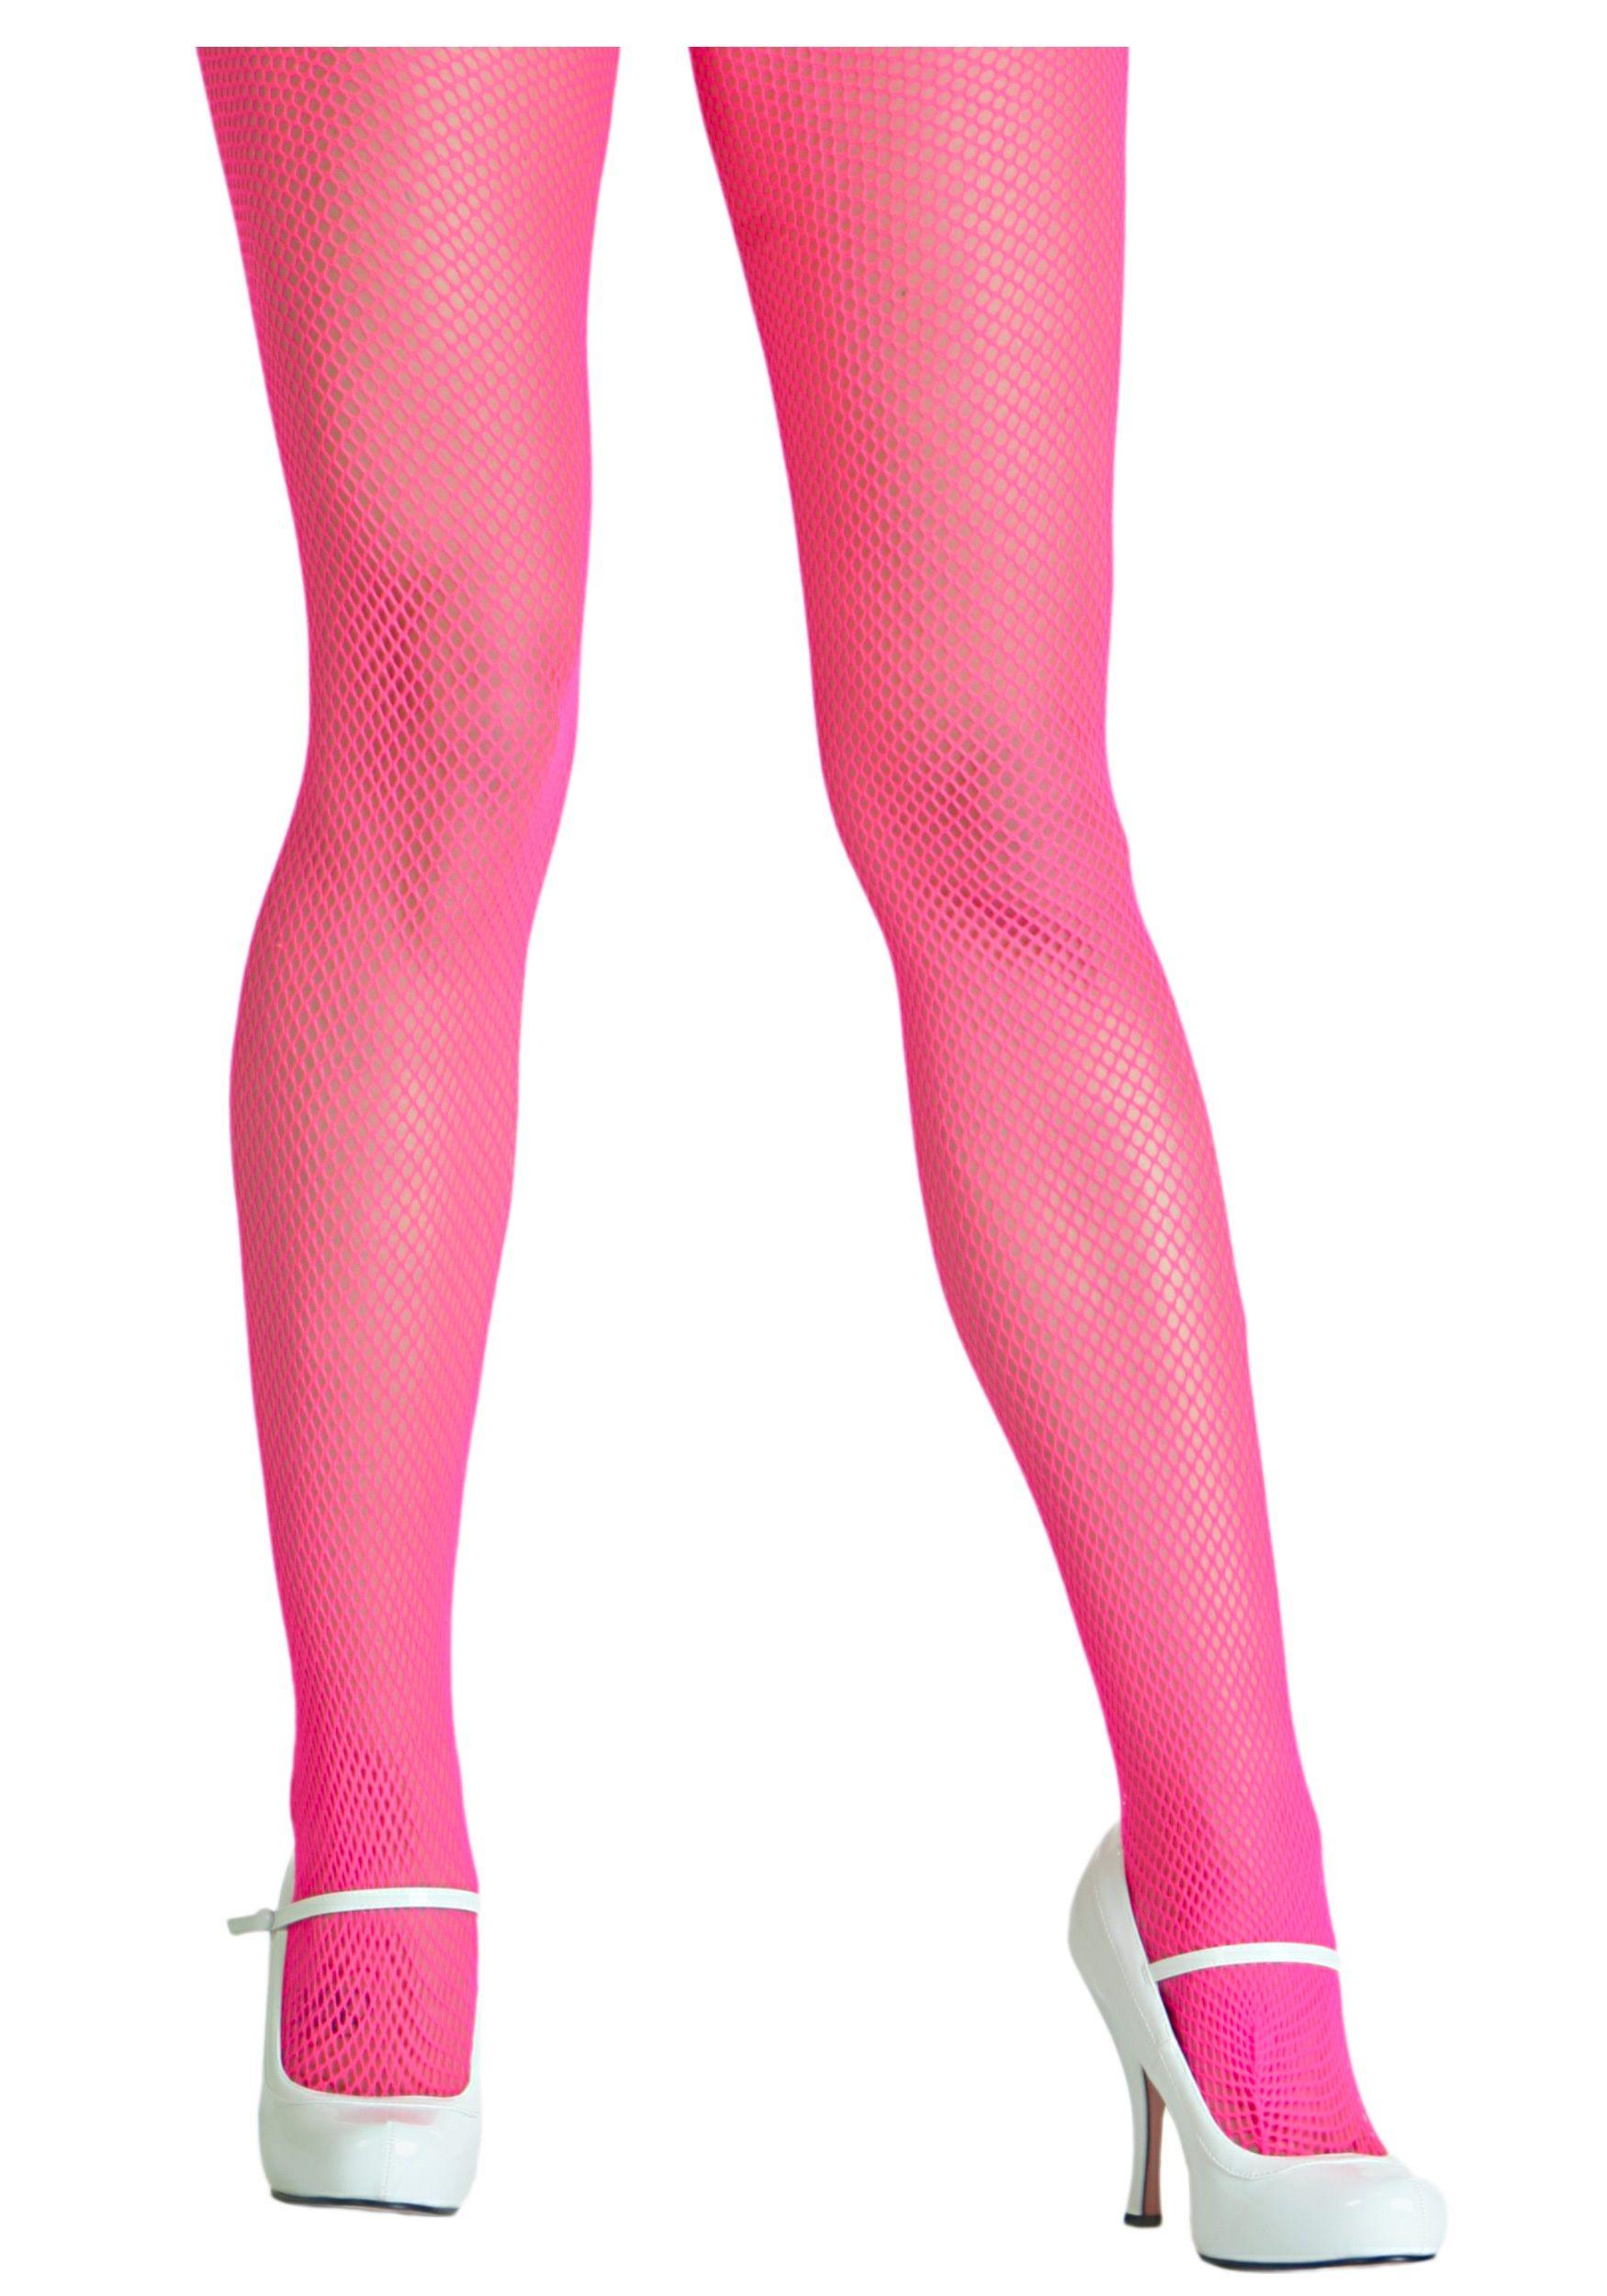 Pink net pantyhose